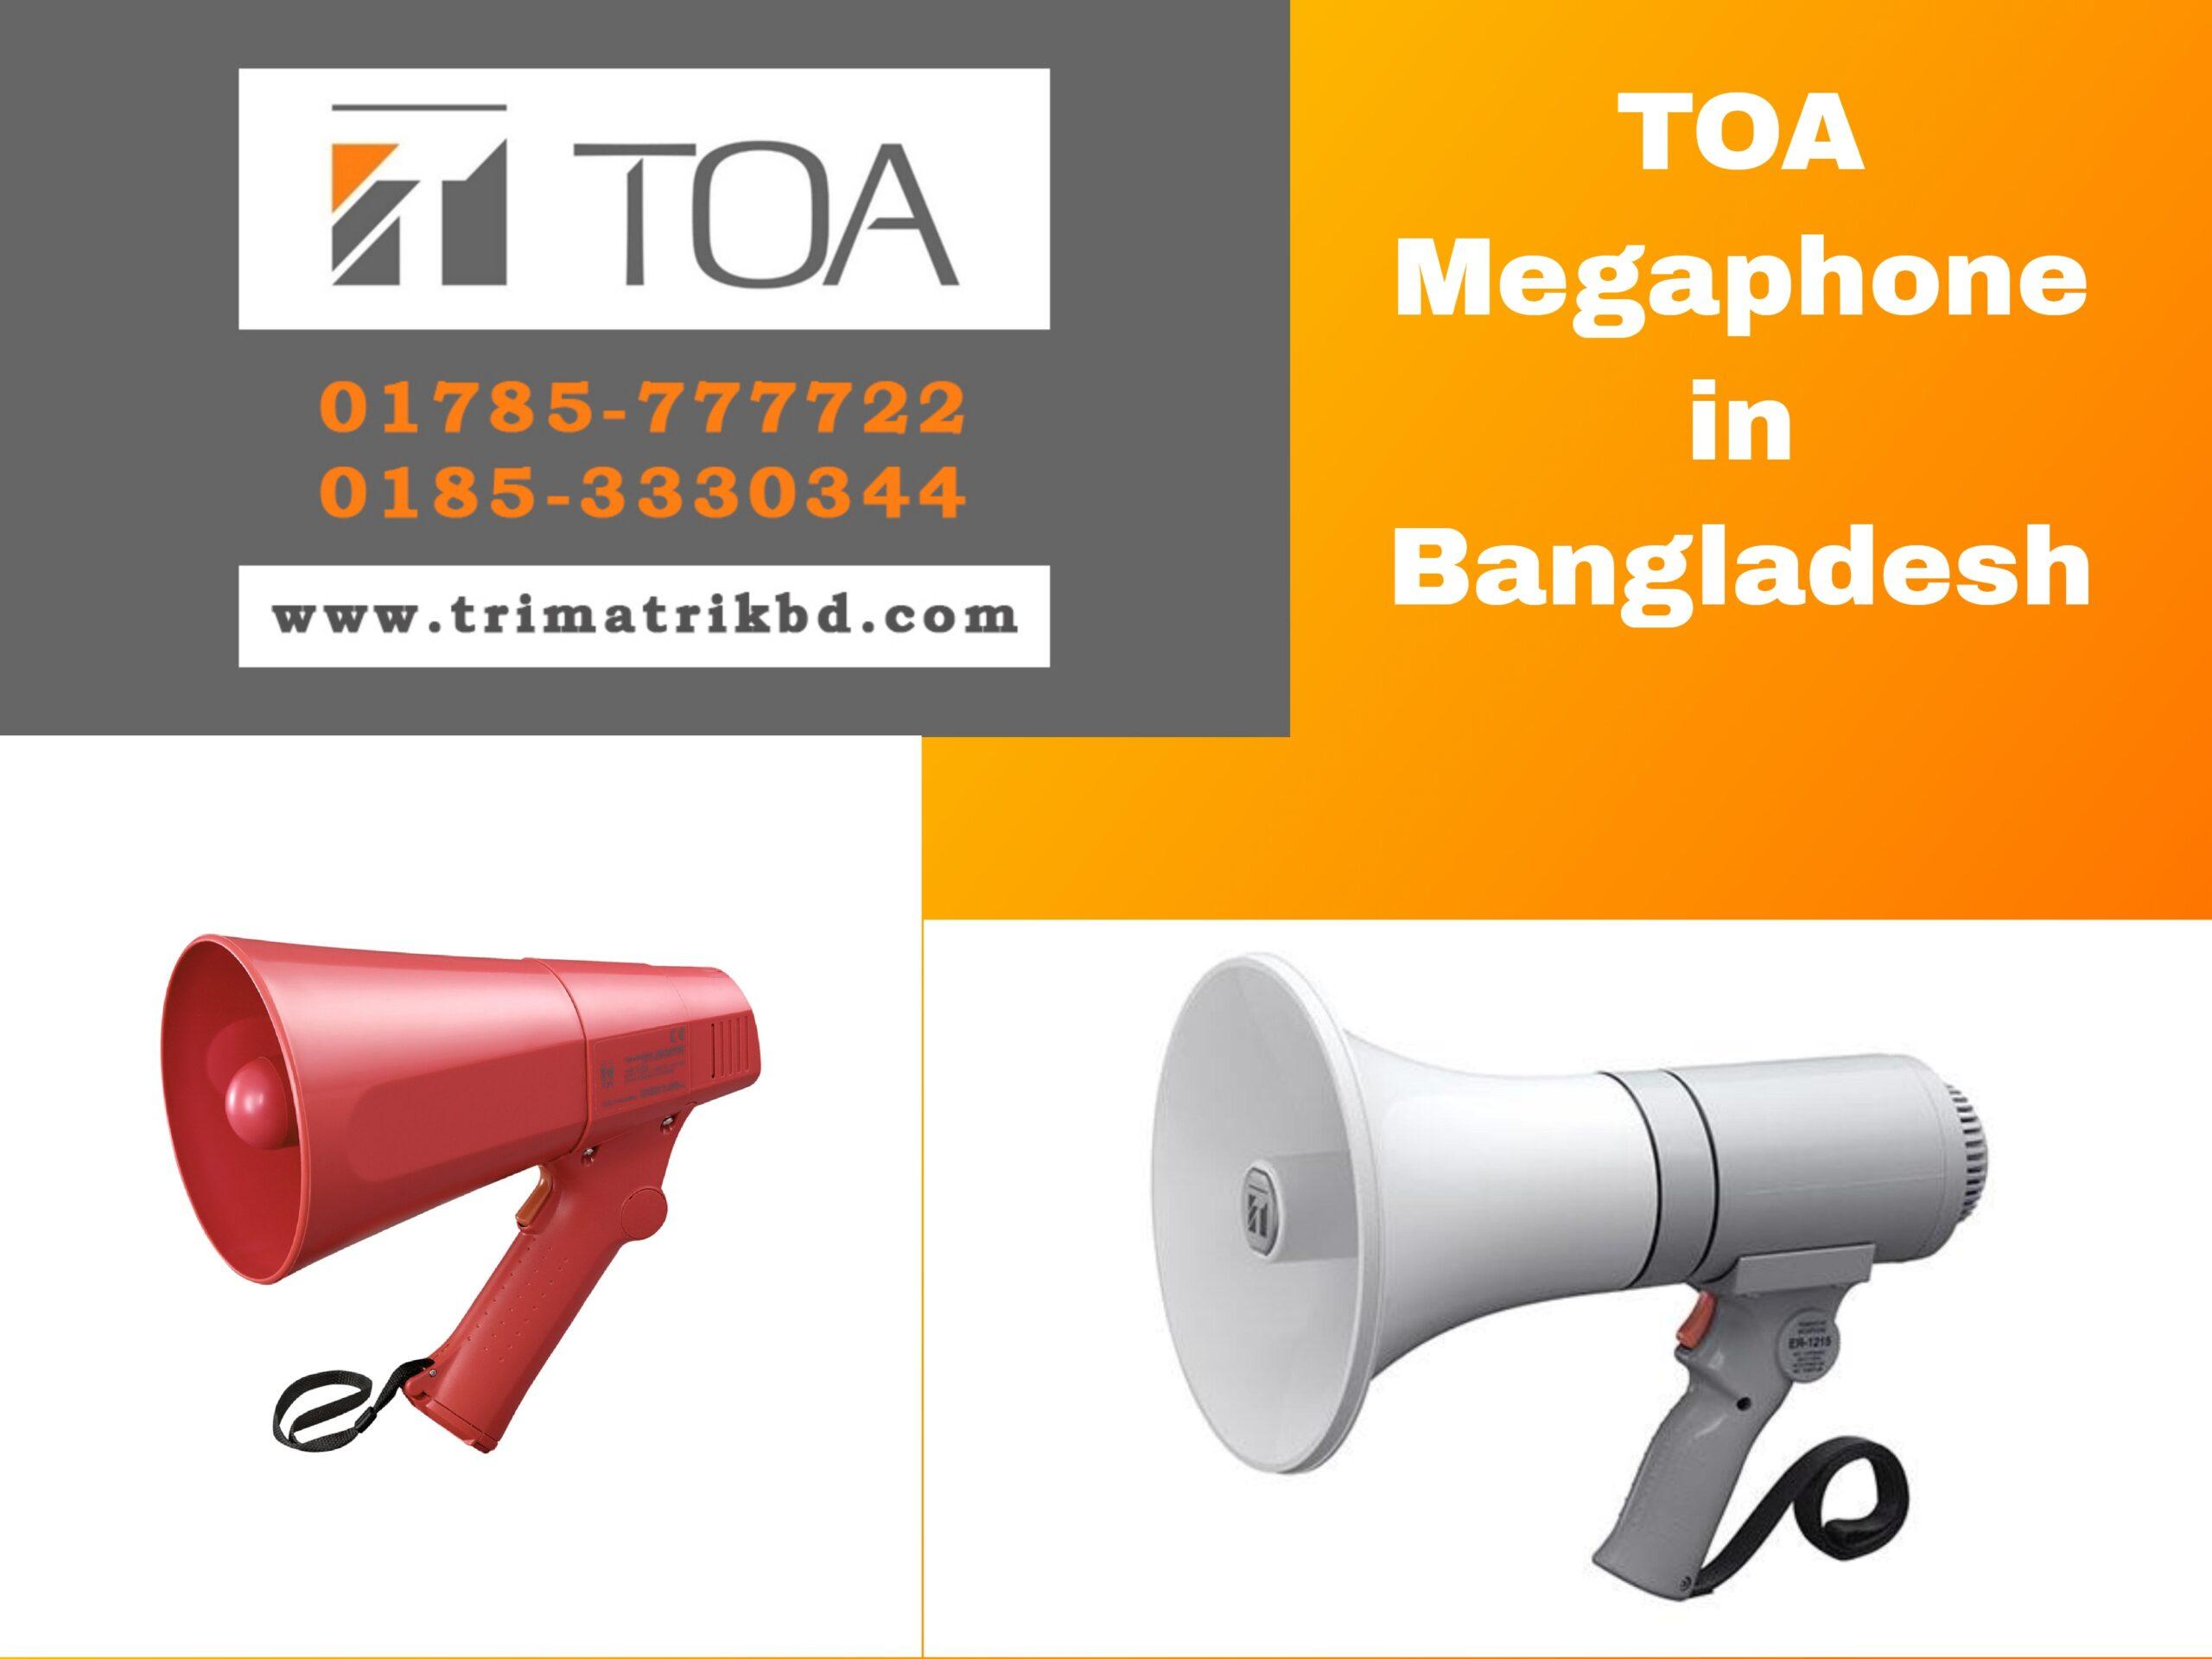 TOA Megaphone in Bangladesh